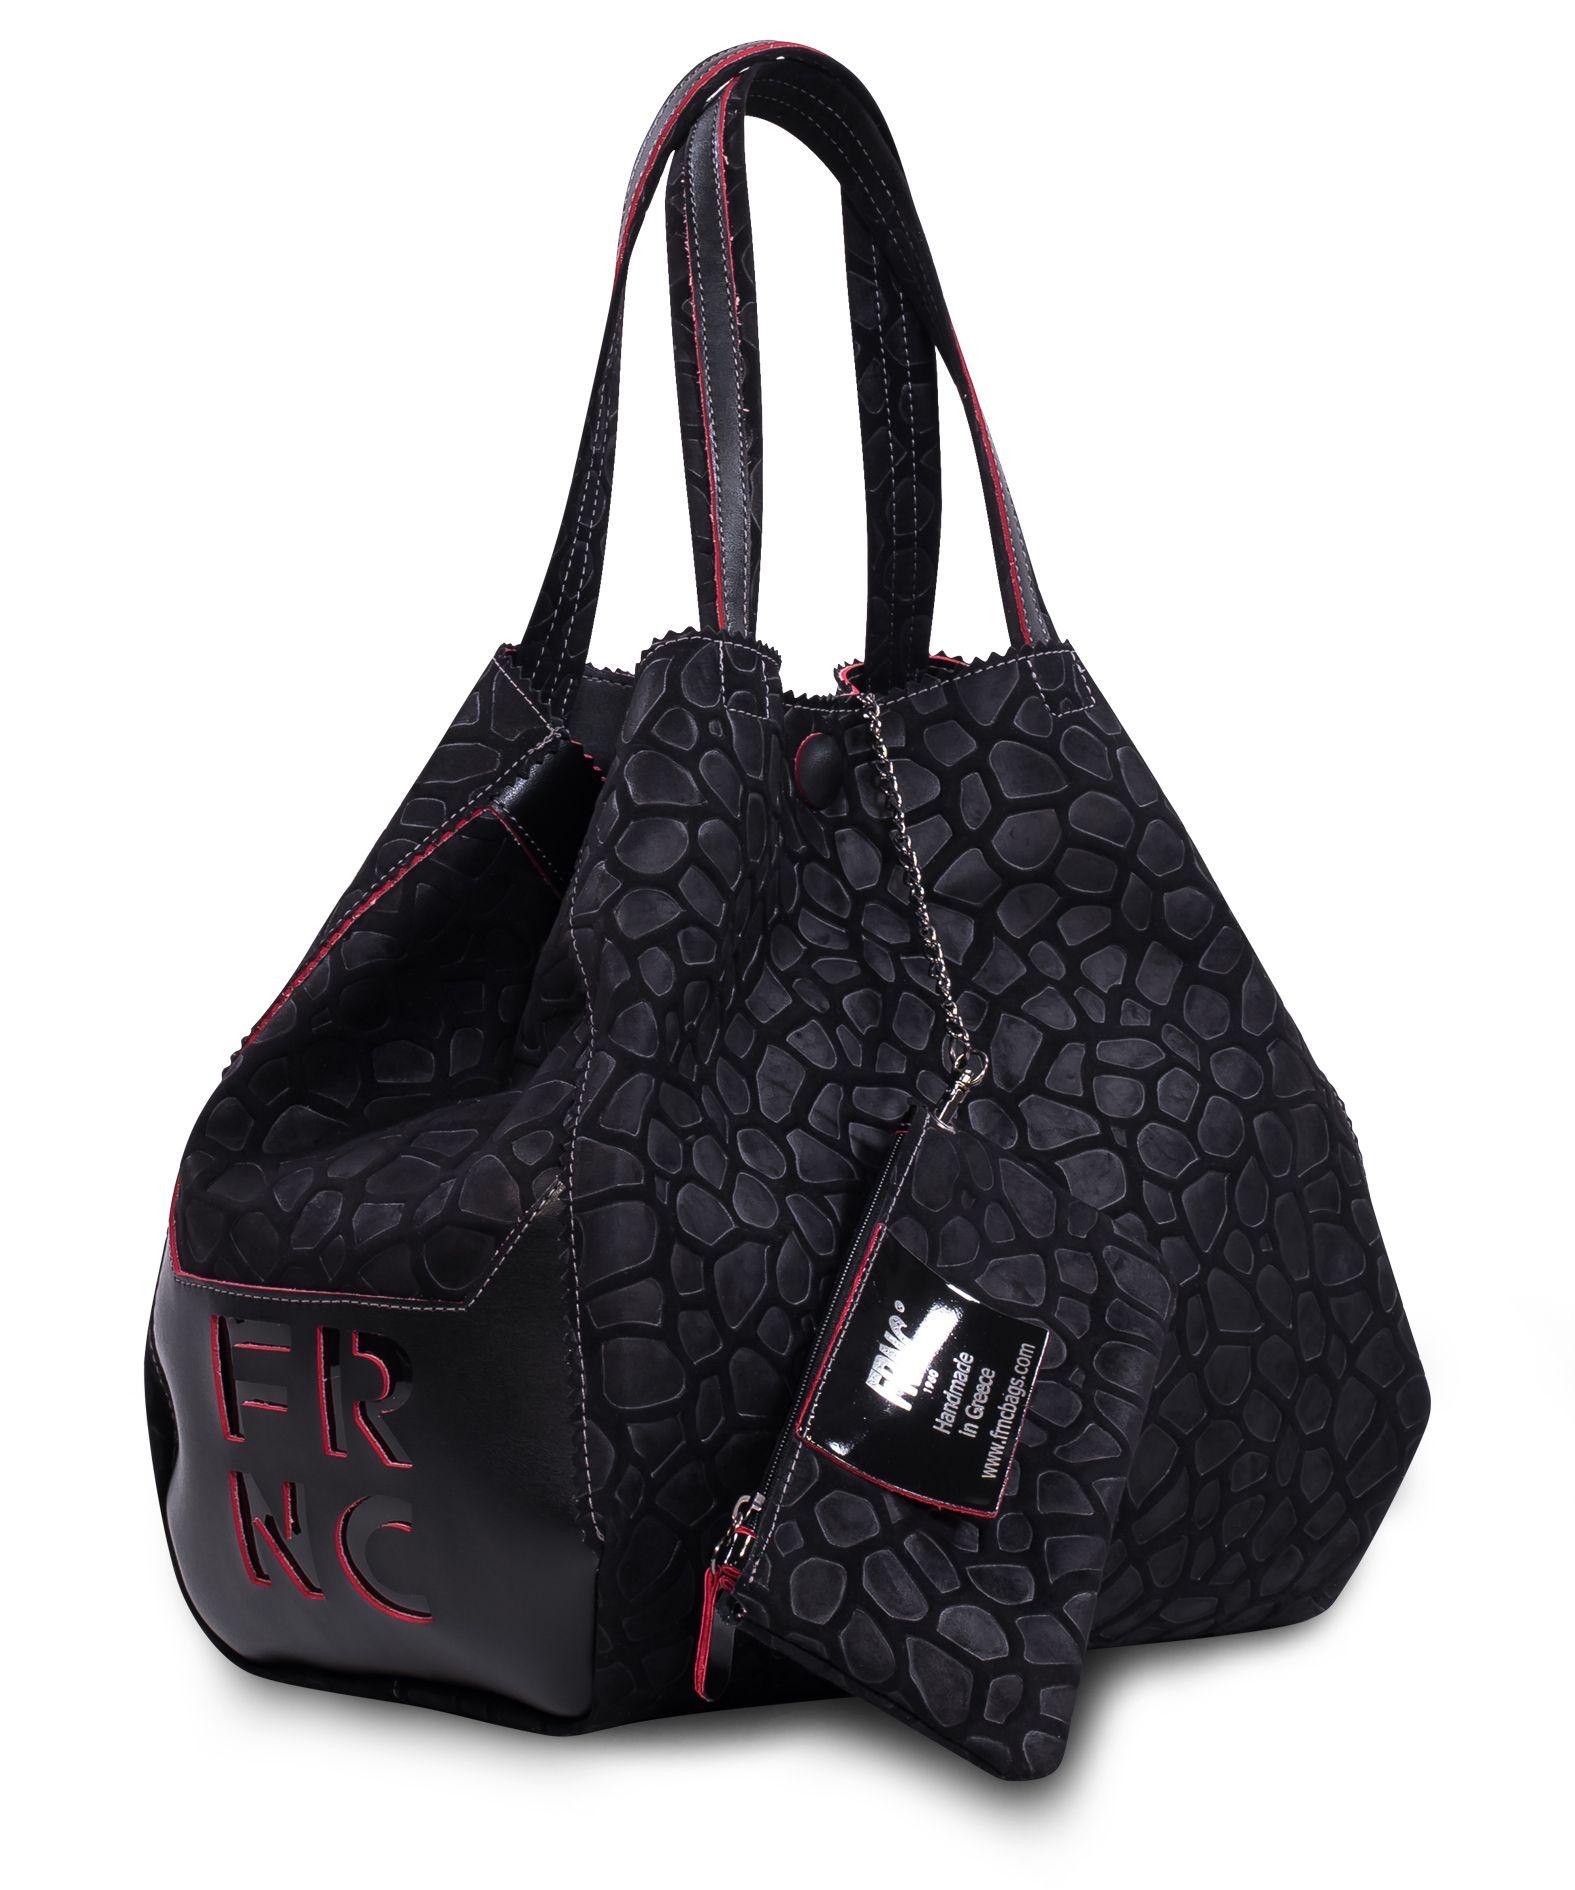 FRNC small-medium backpack Black | Medium backpack